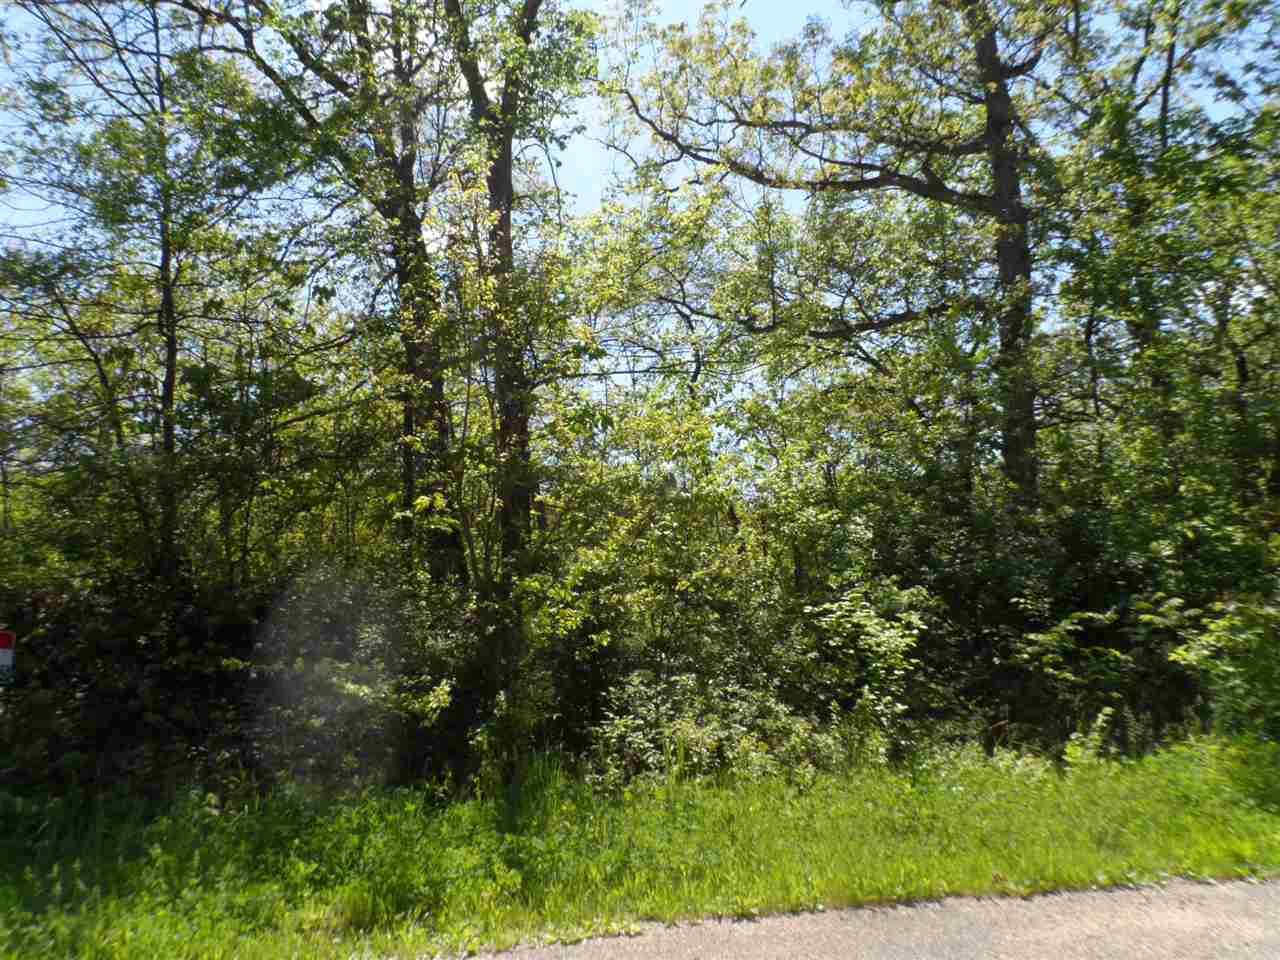 000 E ANCIENT OAK (2+AC) Drive, OREGON, IL 61061